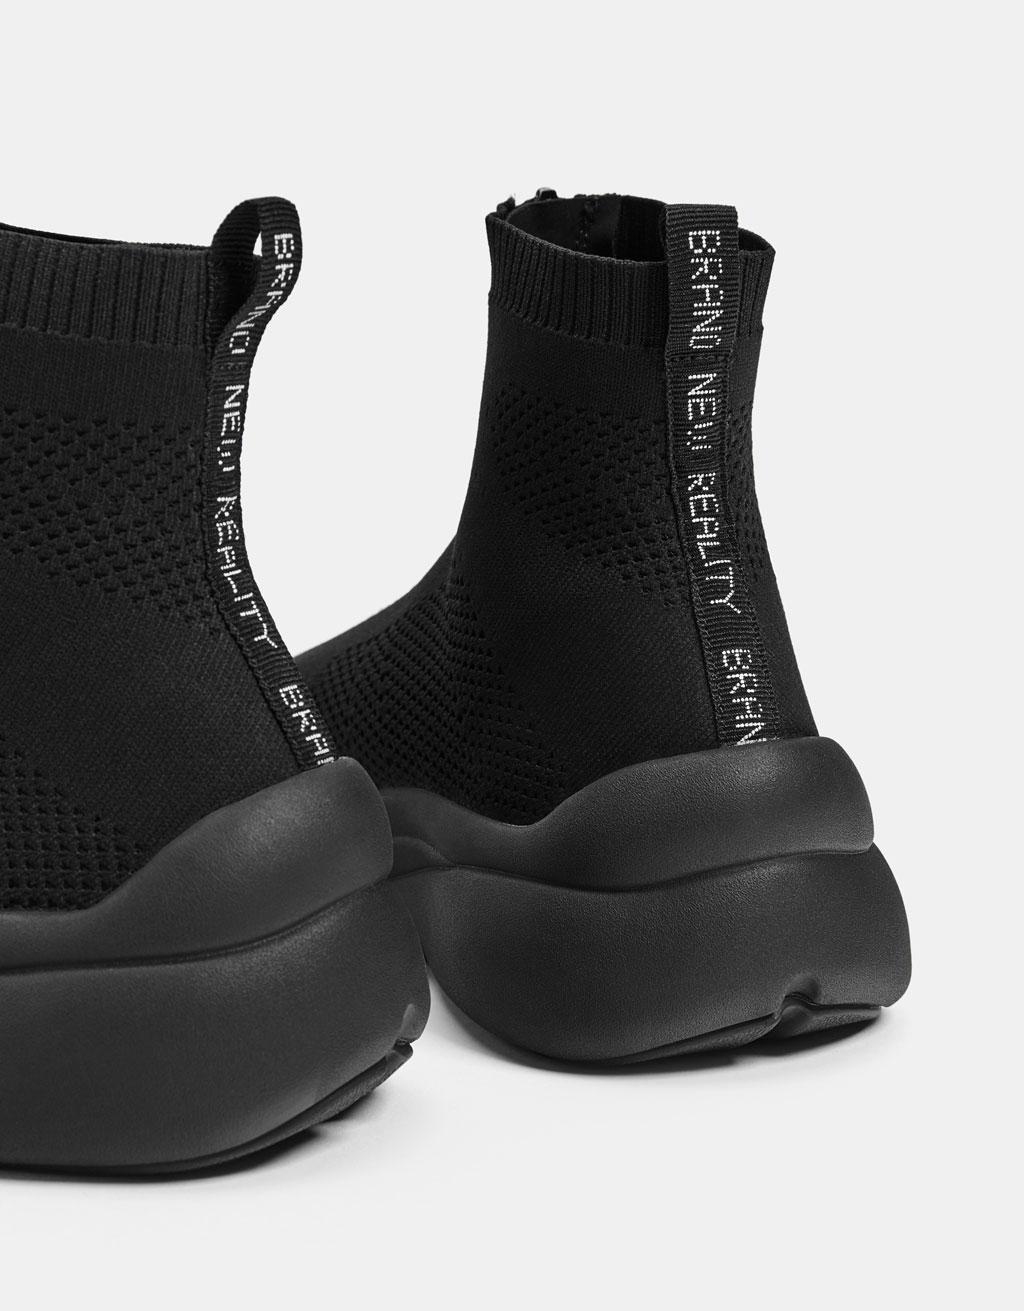 eca327870f4 Men's zip-up sock-style trainers